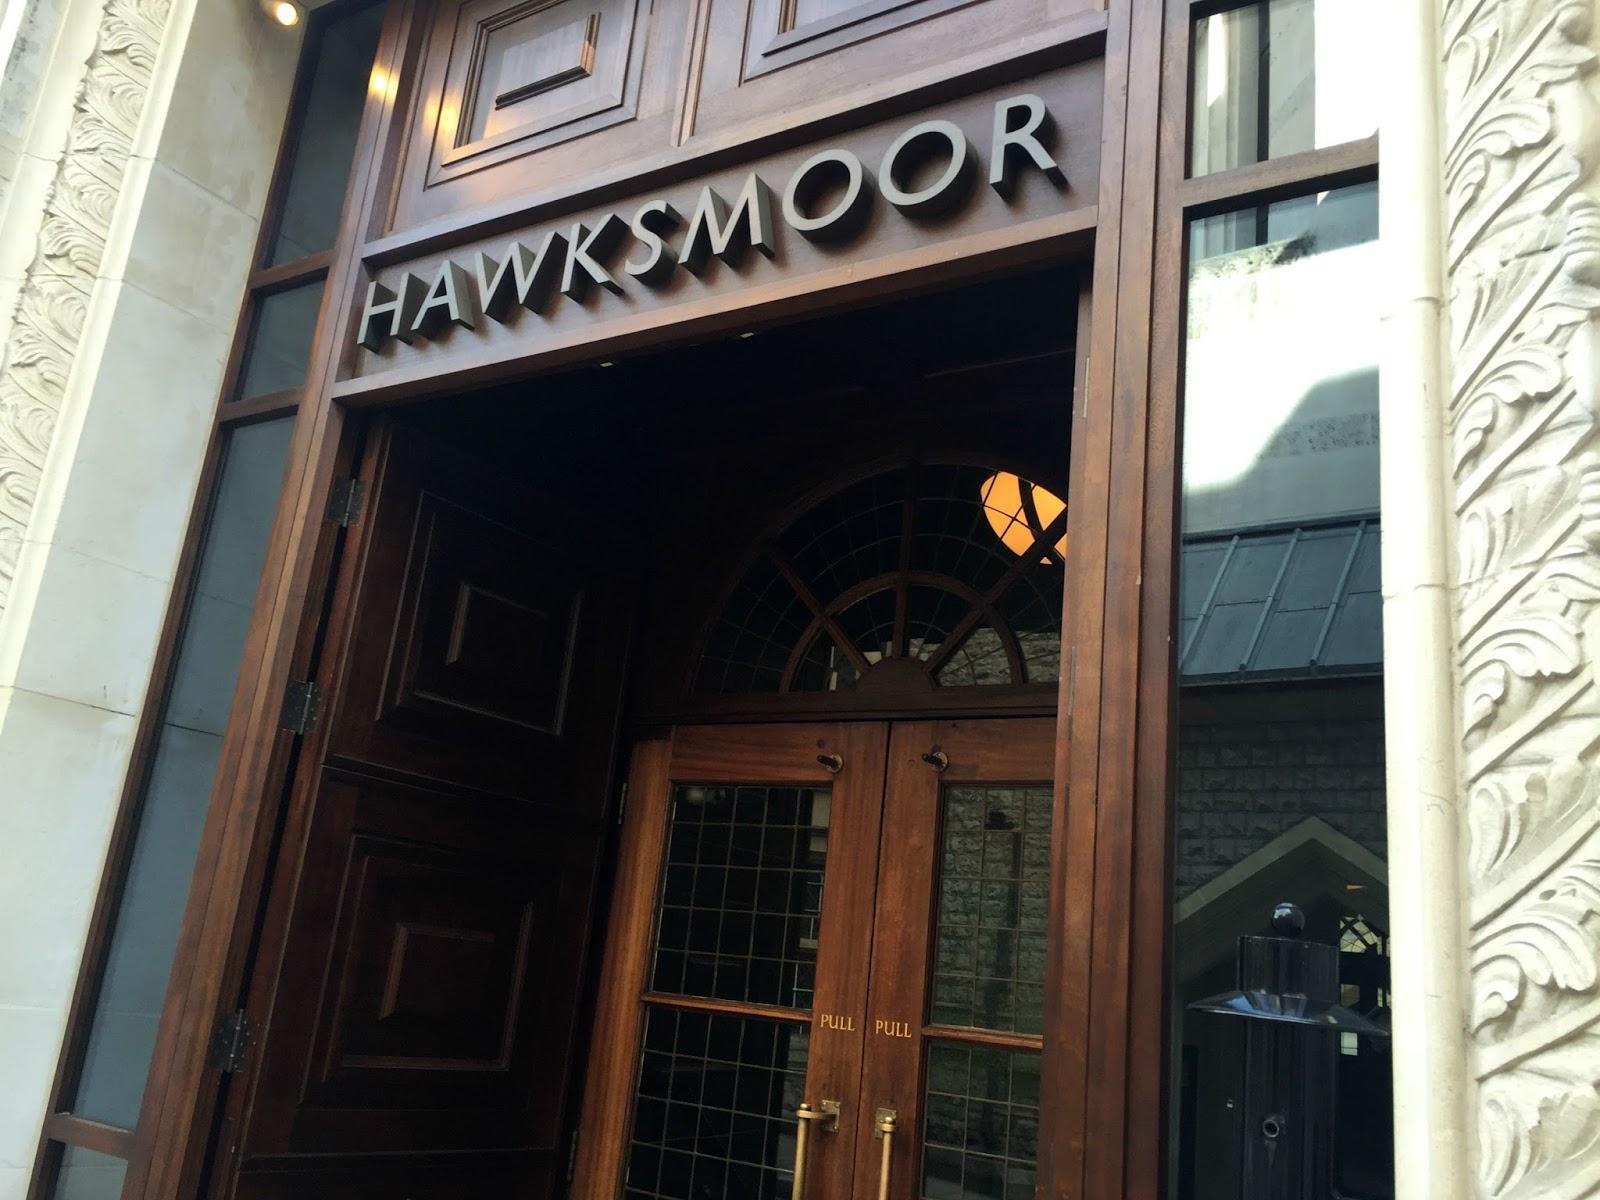 Entrance to Hawksmoor